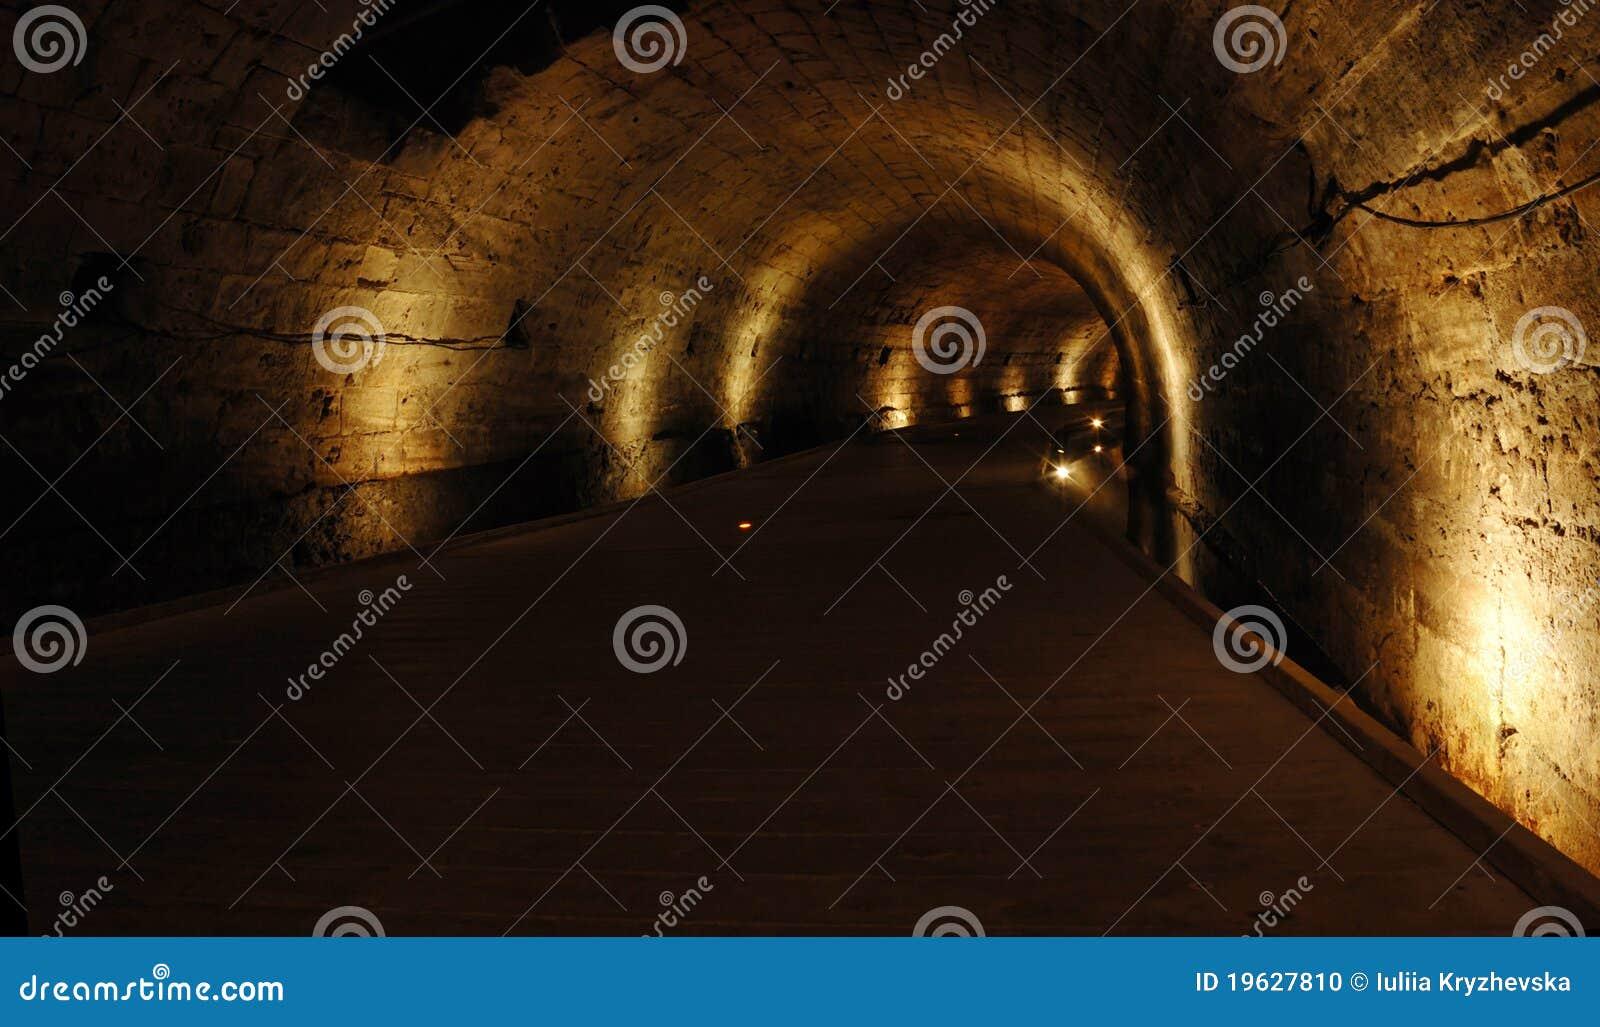 För berömd templar tunnel israel för tunnland landmark